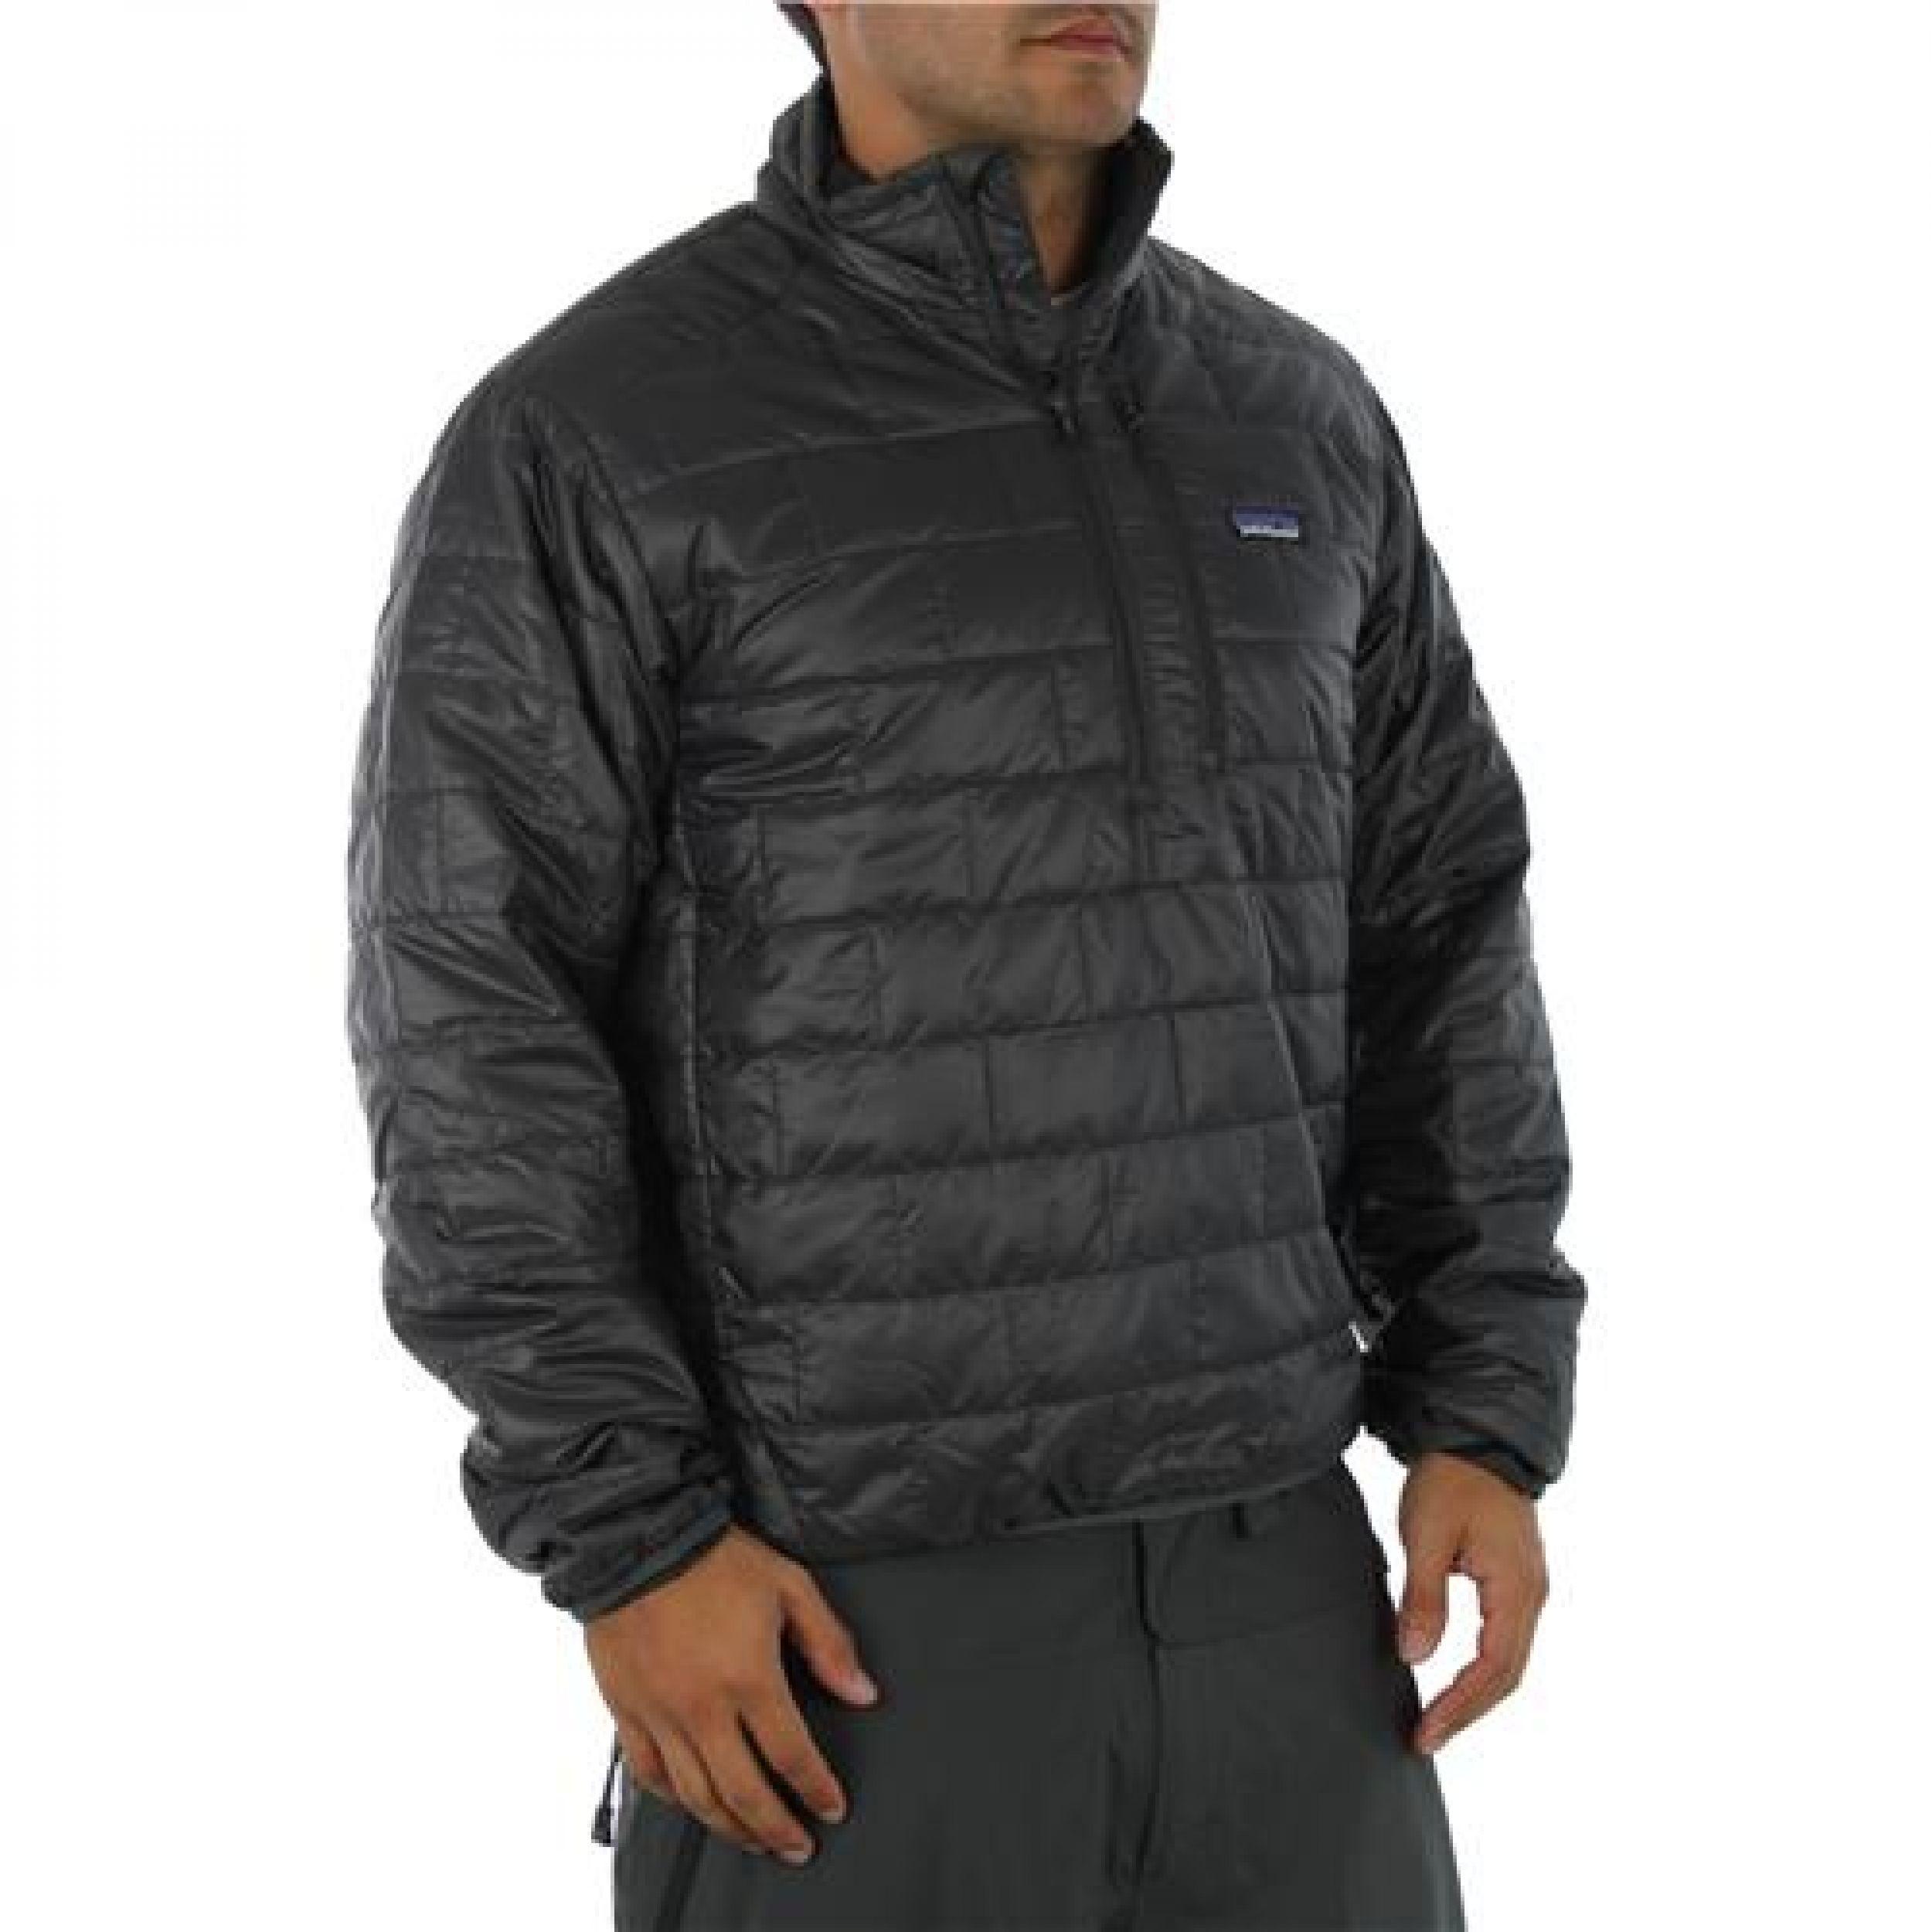 Patagonia-Nano-Puff-Pullover-Jacket.jpg